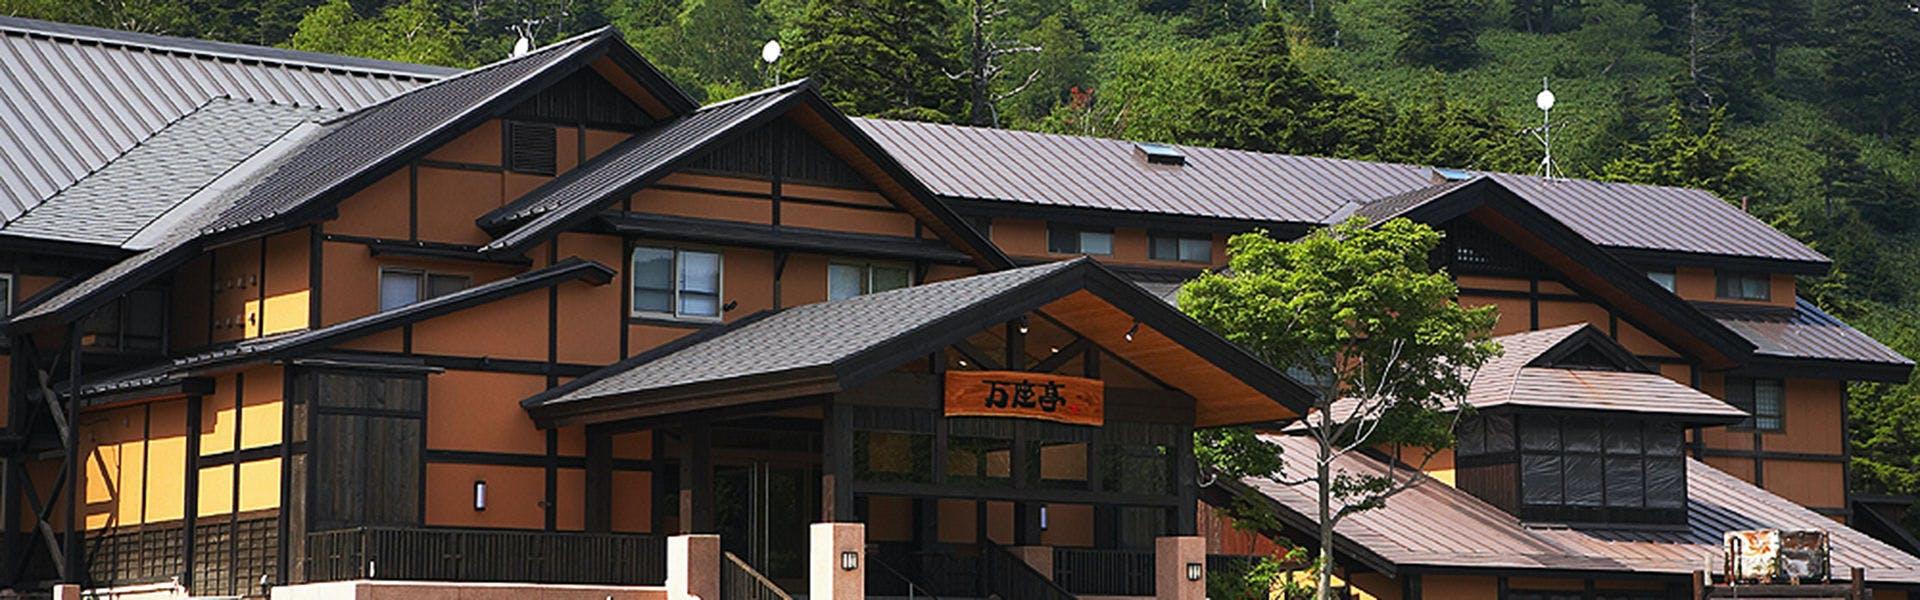 記念日におすすめのホテル・白鐡の湯 万座亭の写真2